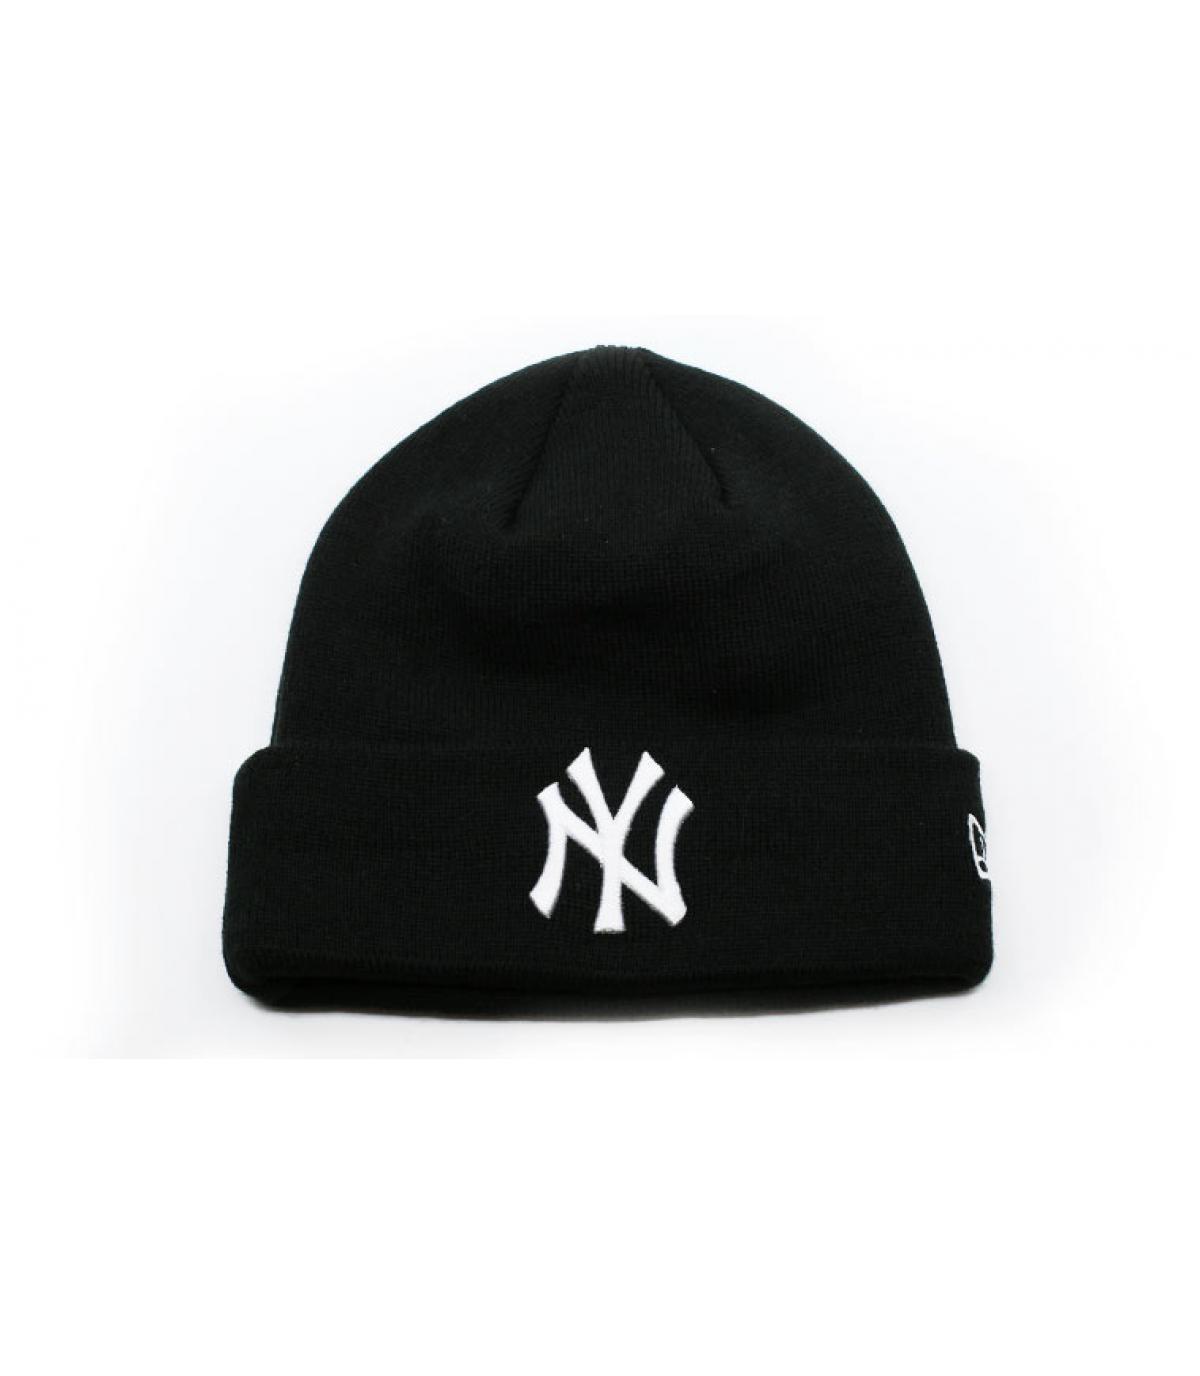 Détails Bonnet MLB Essential Cuff NY black white - image 2